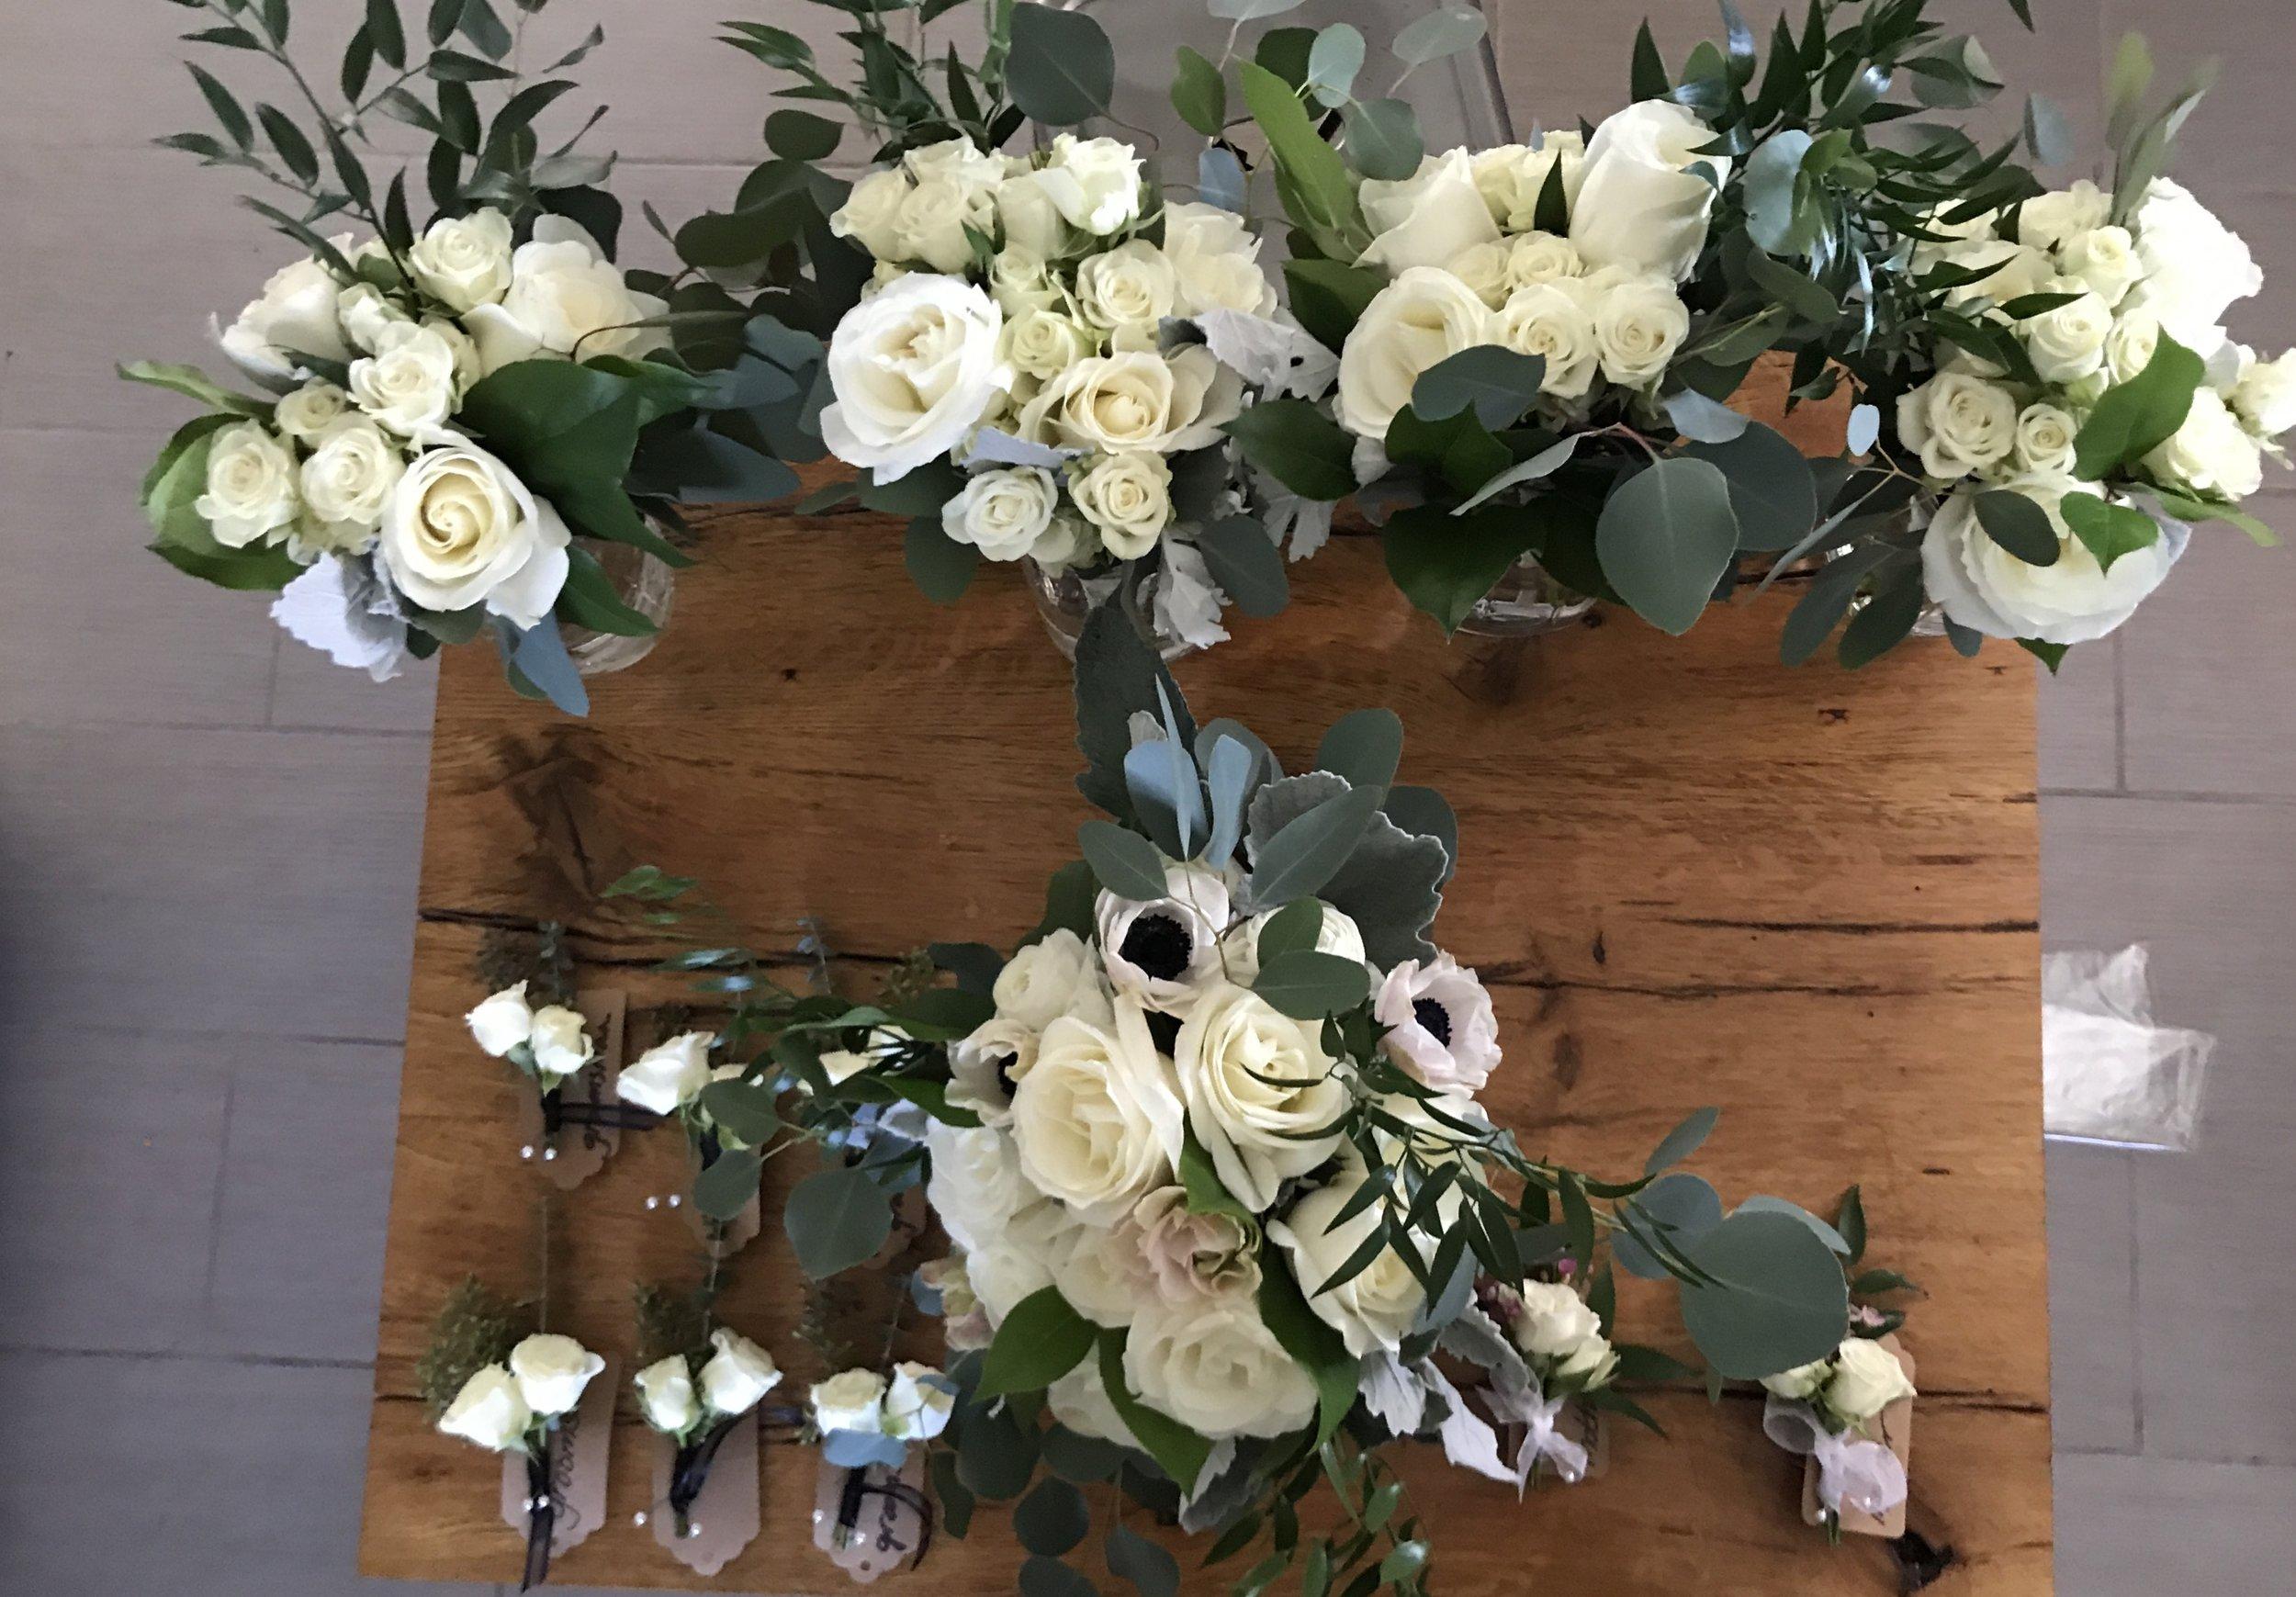 Bride's bouquet. bridesmaids bouquets, boutonnières, and corsages.